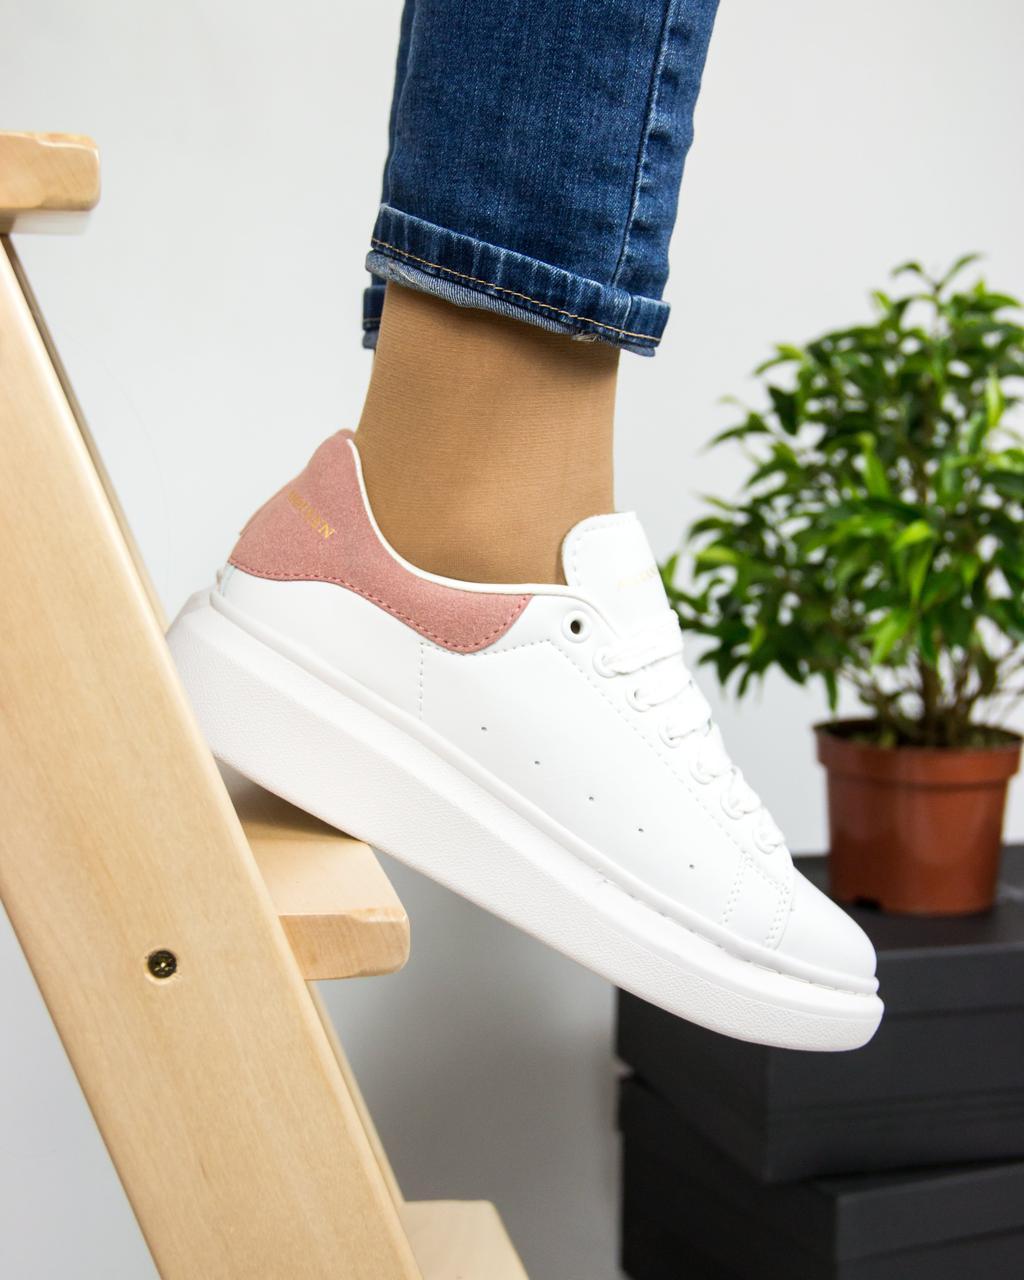 Женские кроссовки в стиле Alexander McQueen (36, 37, 38, 39, 40, 41 размеры)